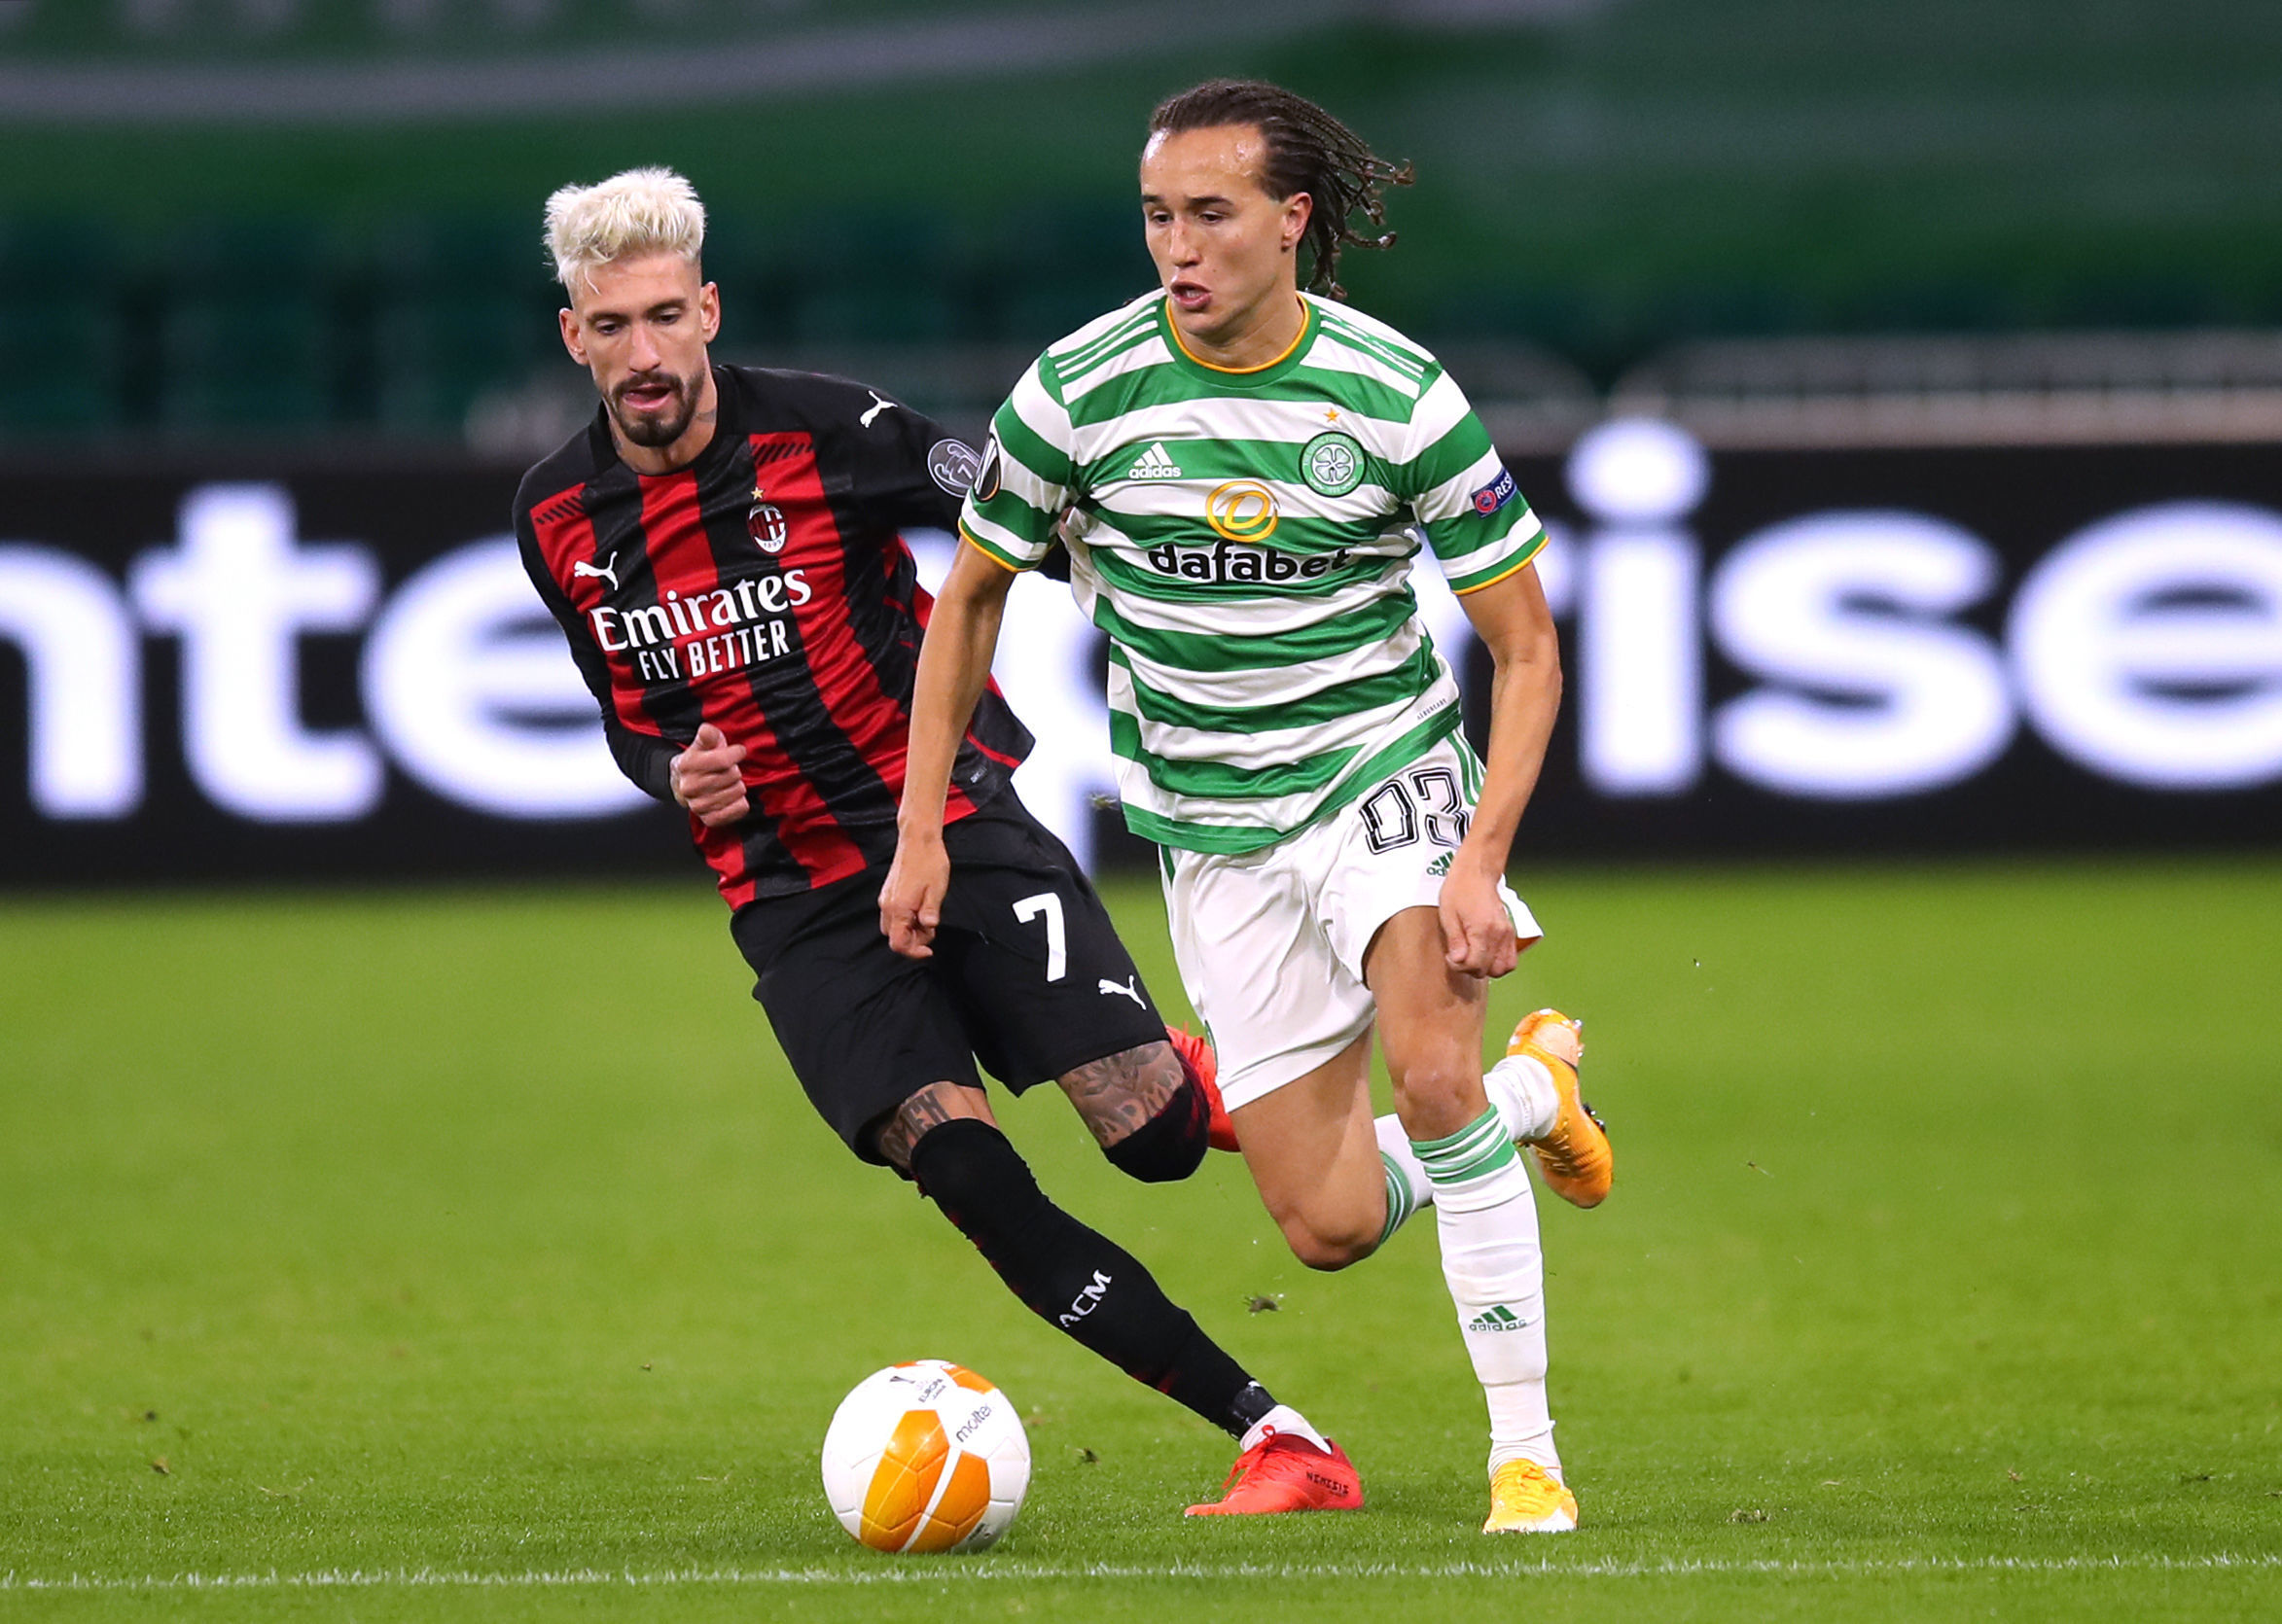 Link xem trực tiếp Milan vs Celtic 00h55 ngày 4/12